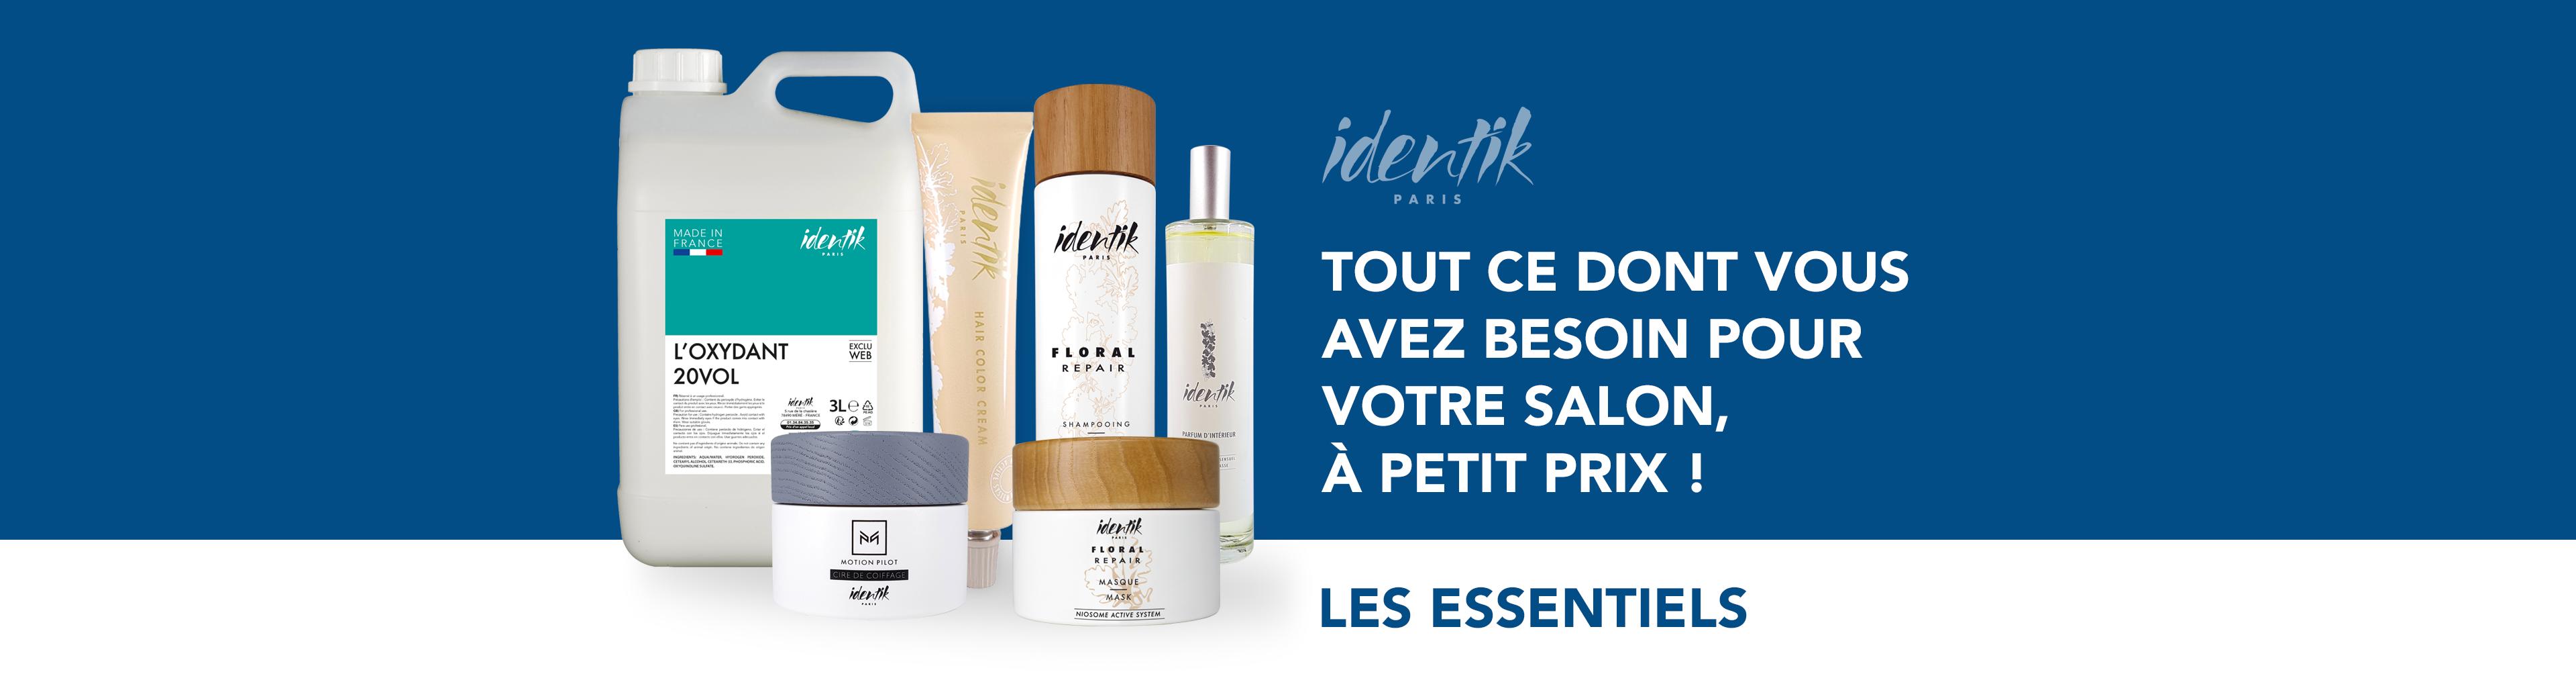 Les essentiels Identik : tout ce dont vous avez besoin pour votre salon à petit prix !